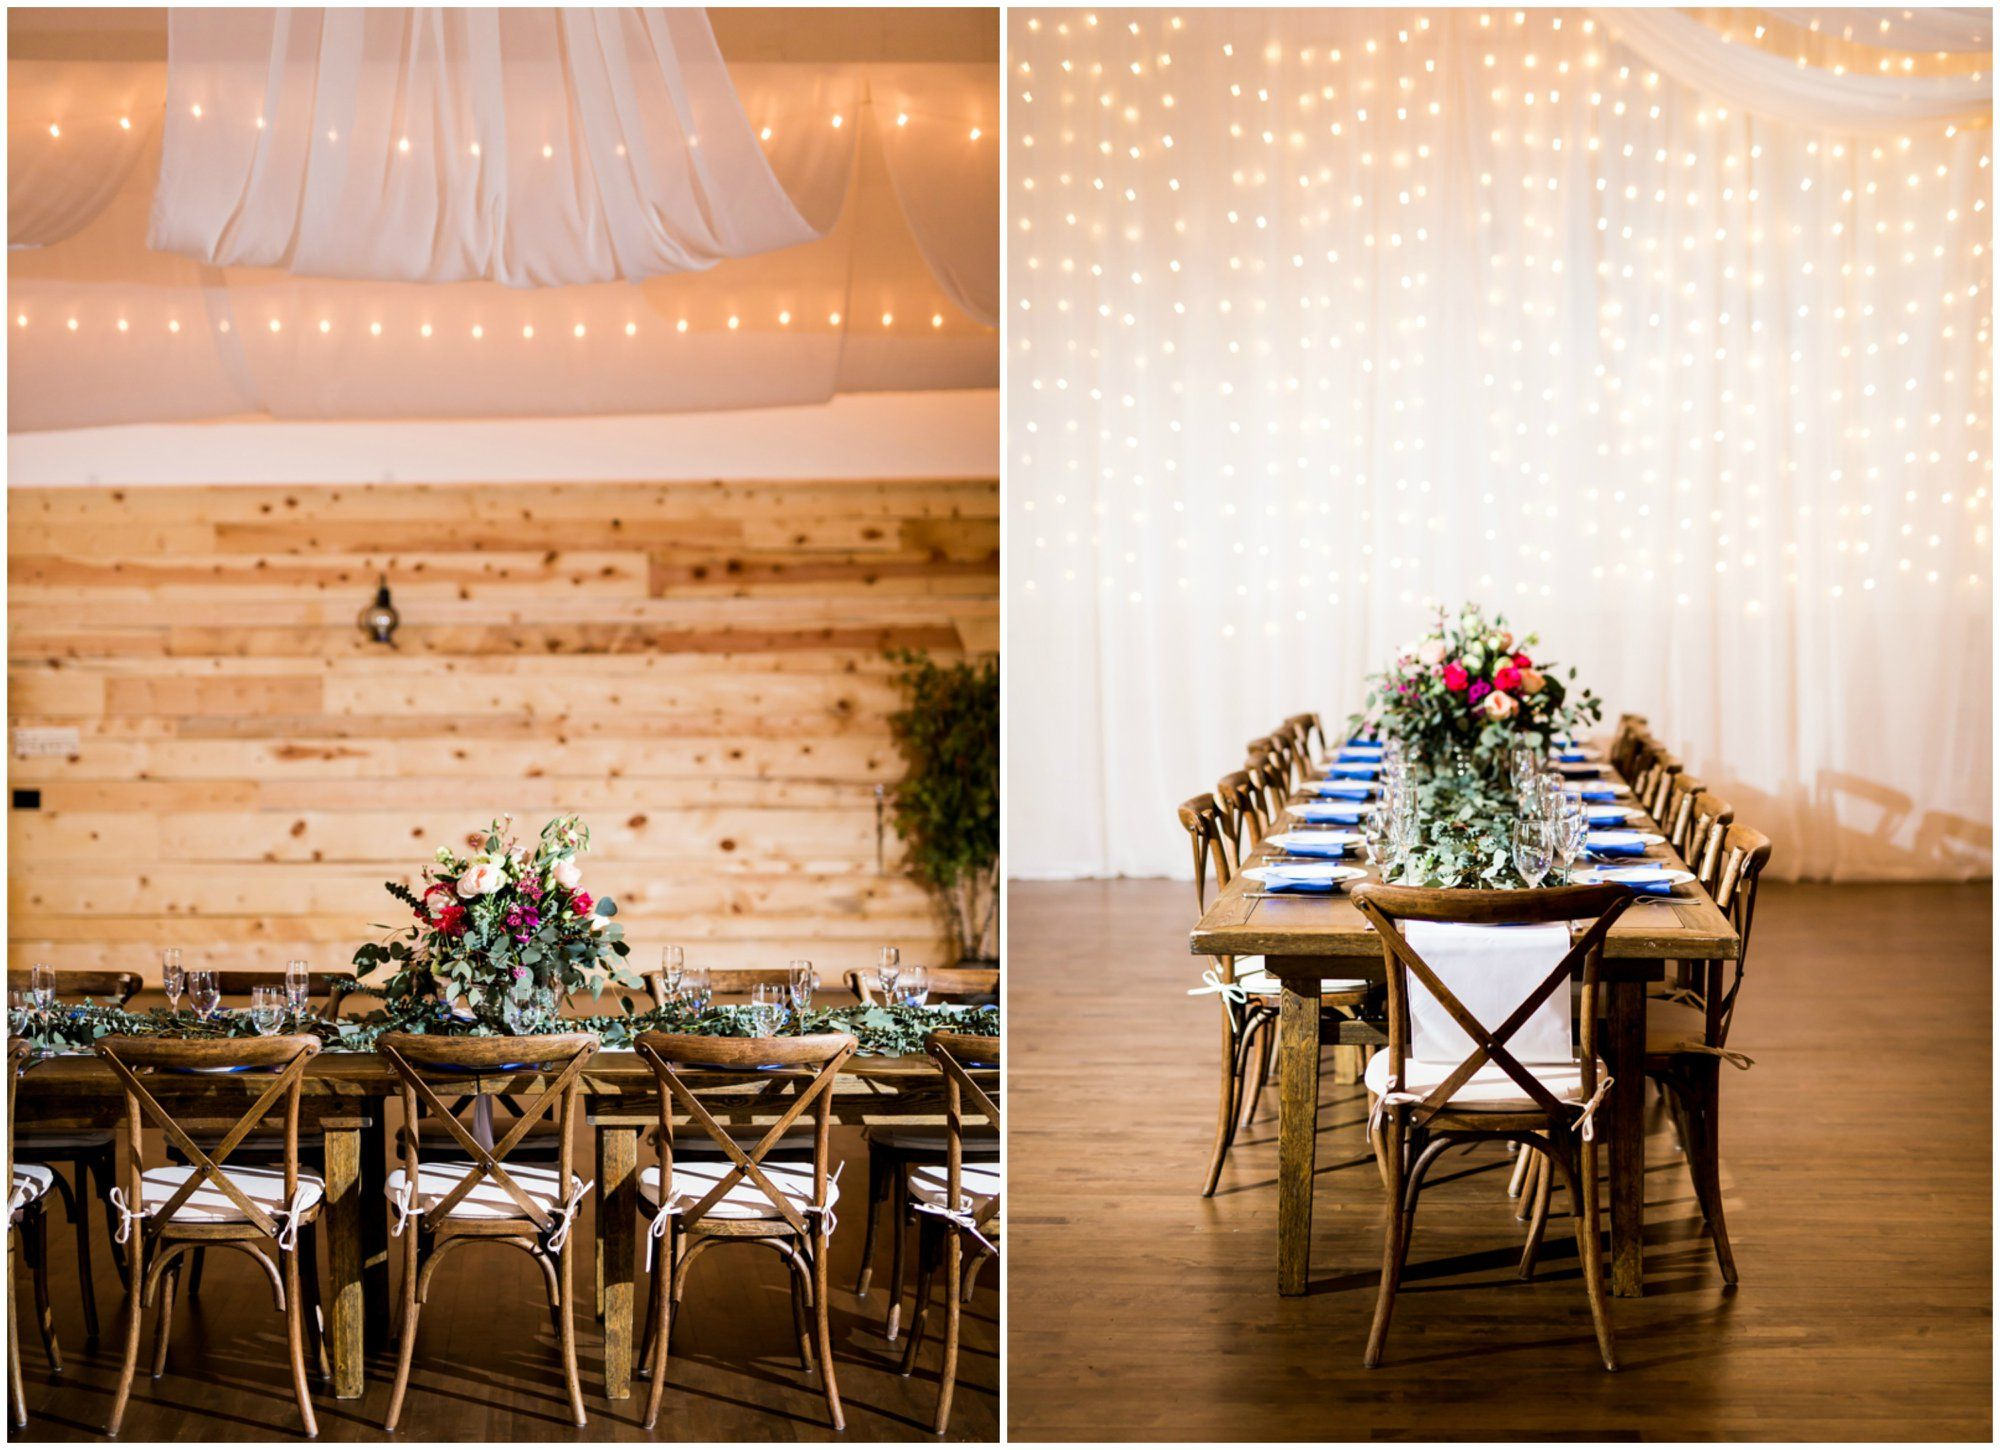 Tent Rentals | Tent, Table decorations, Home decor